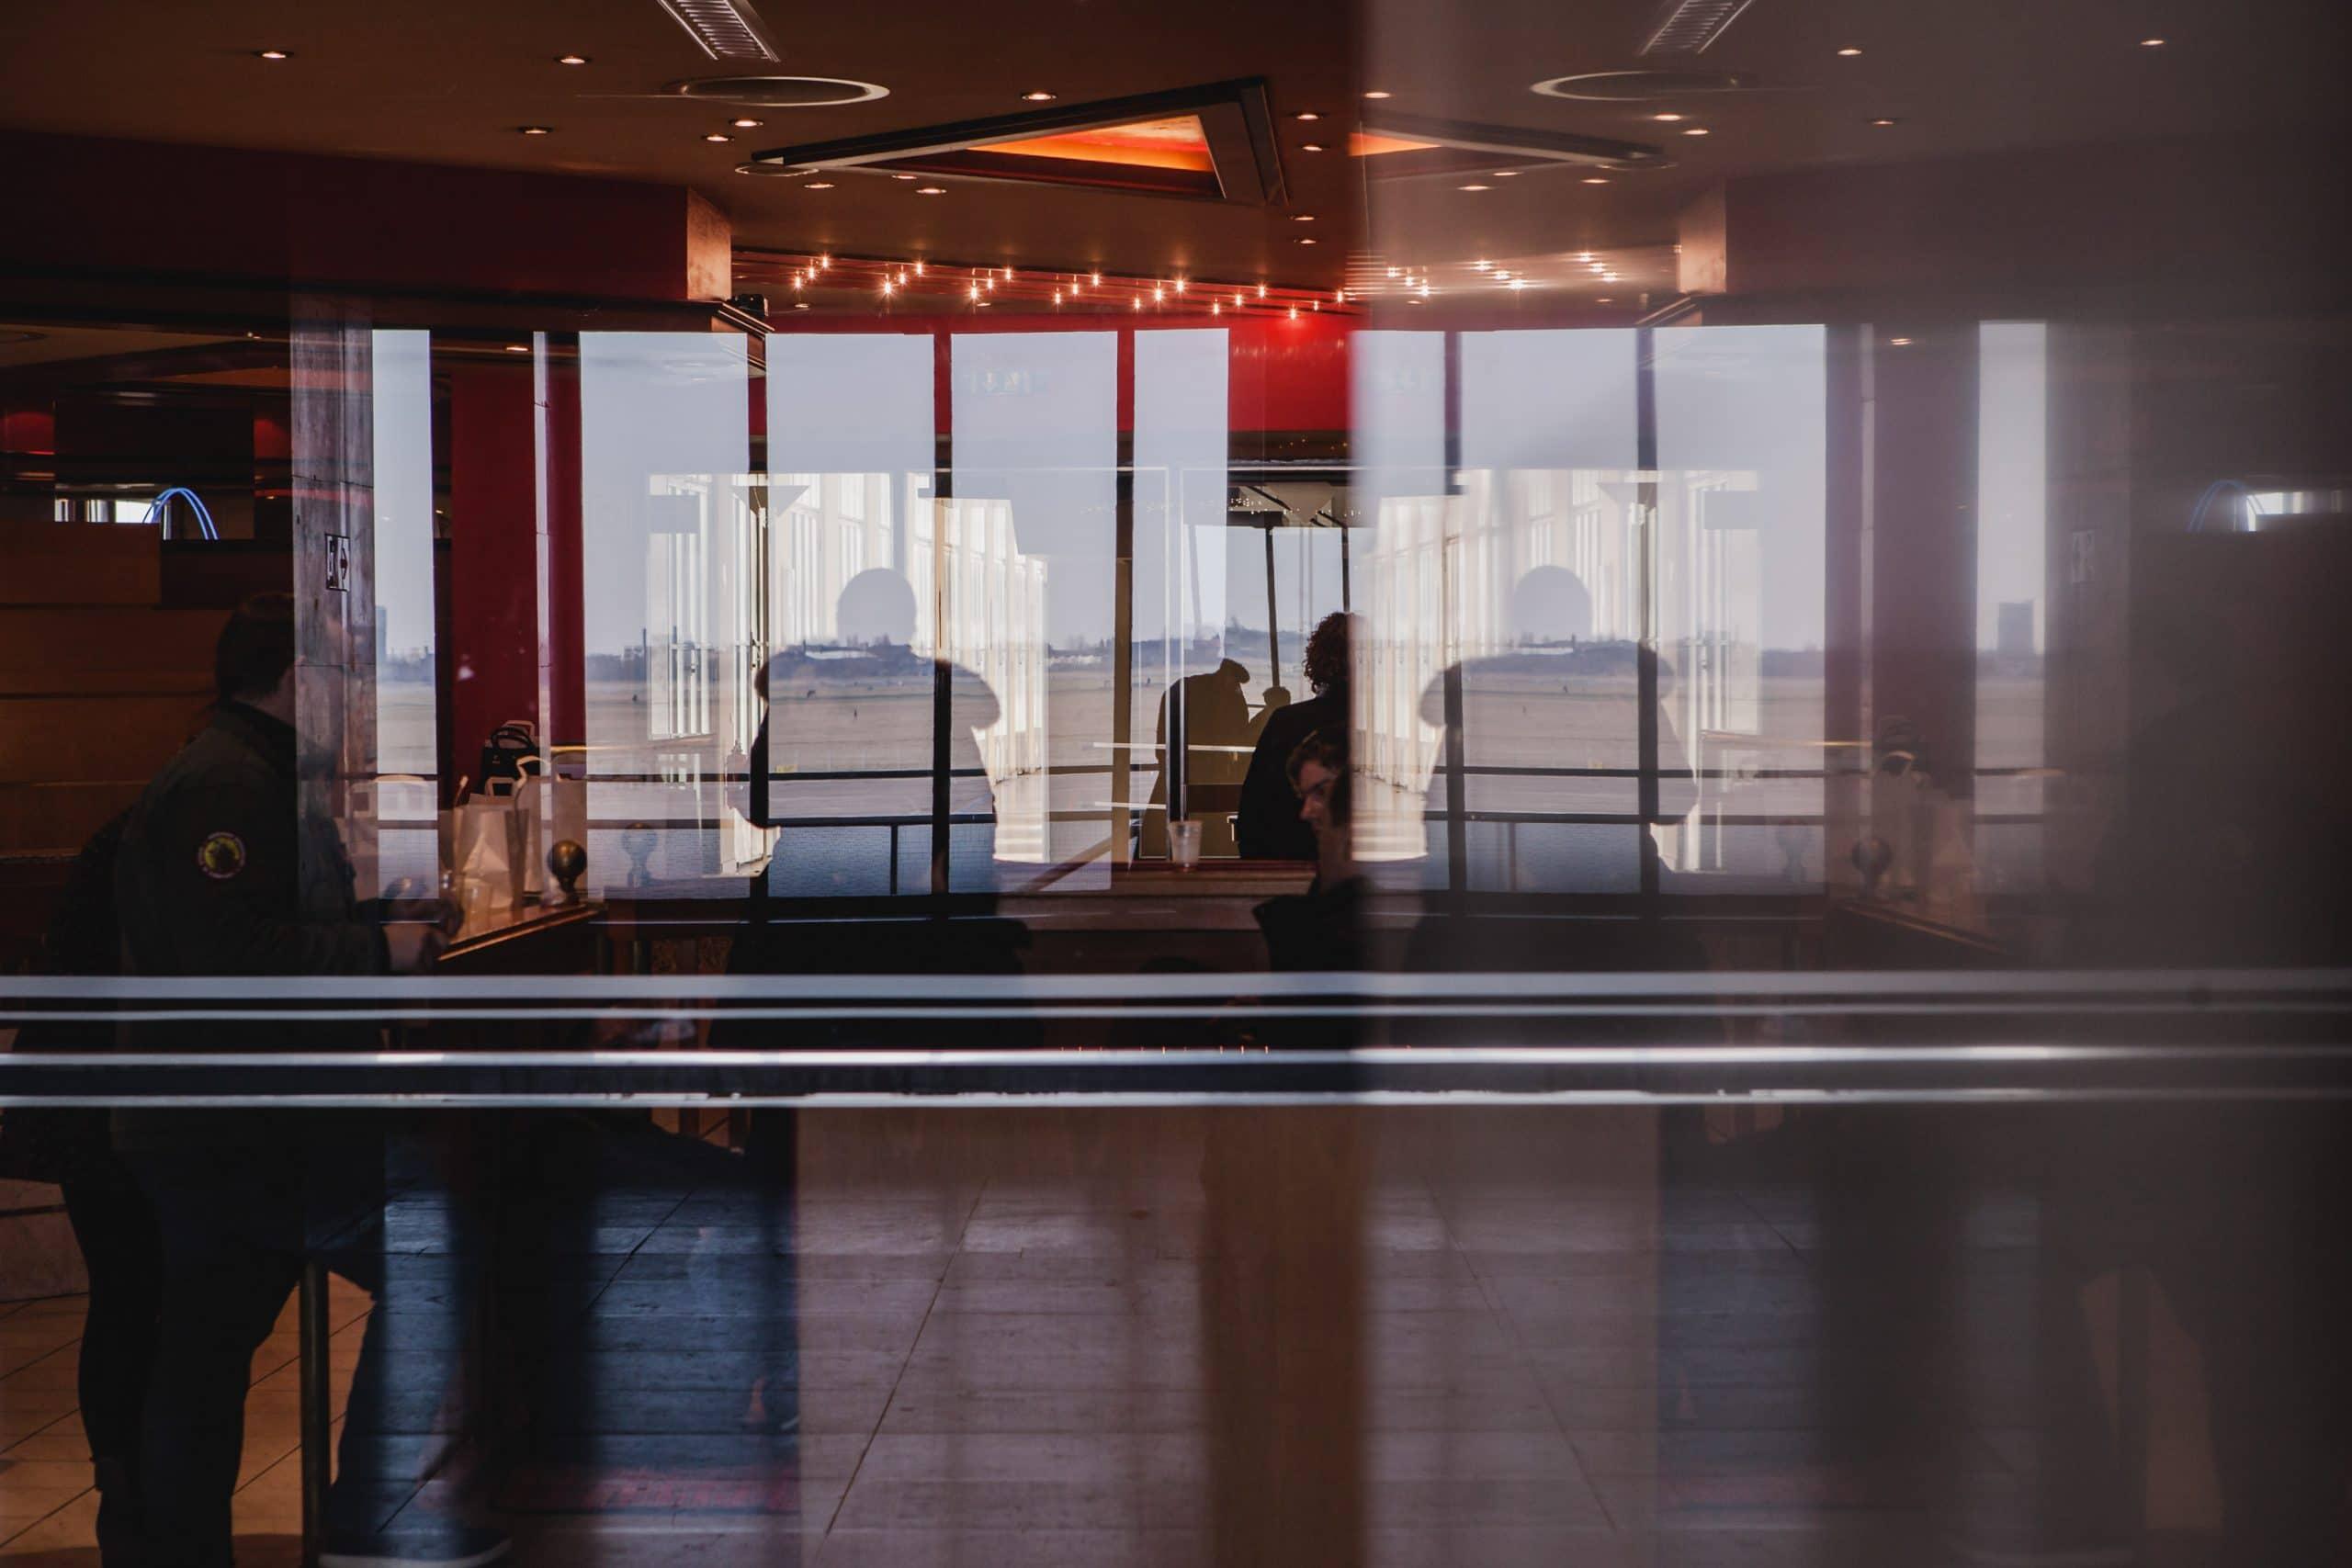 Innovationsworkshop, Tempelhof | Flughafen Tempelhof, Berlin – 23.02.2018